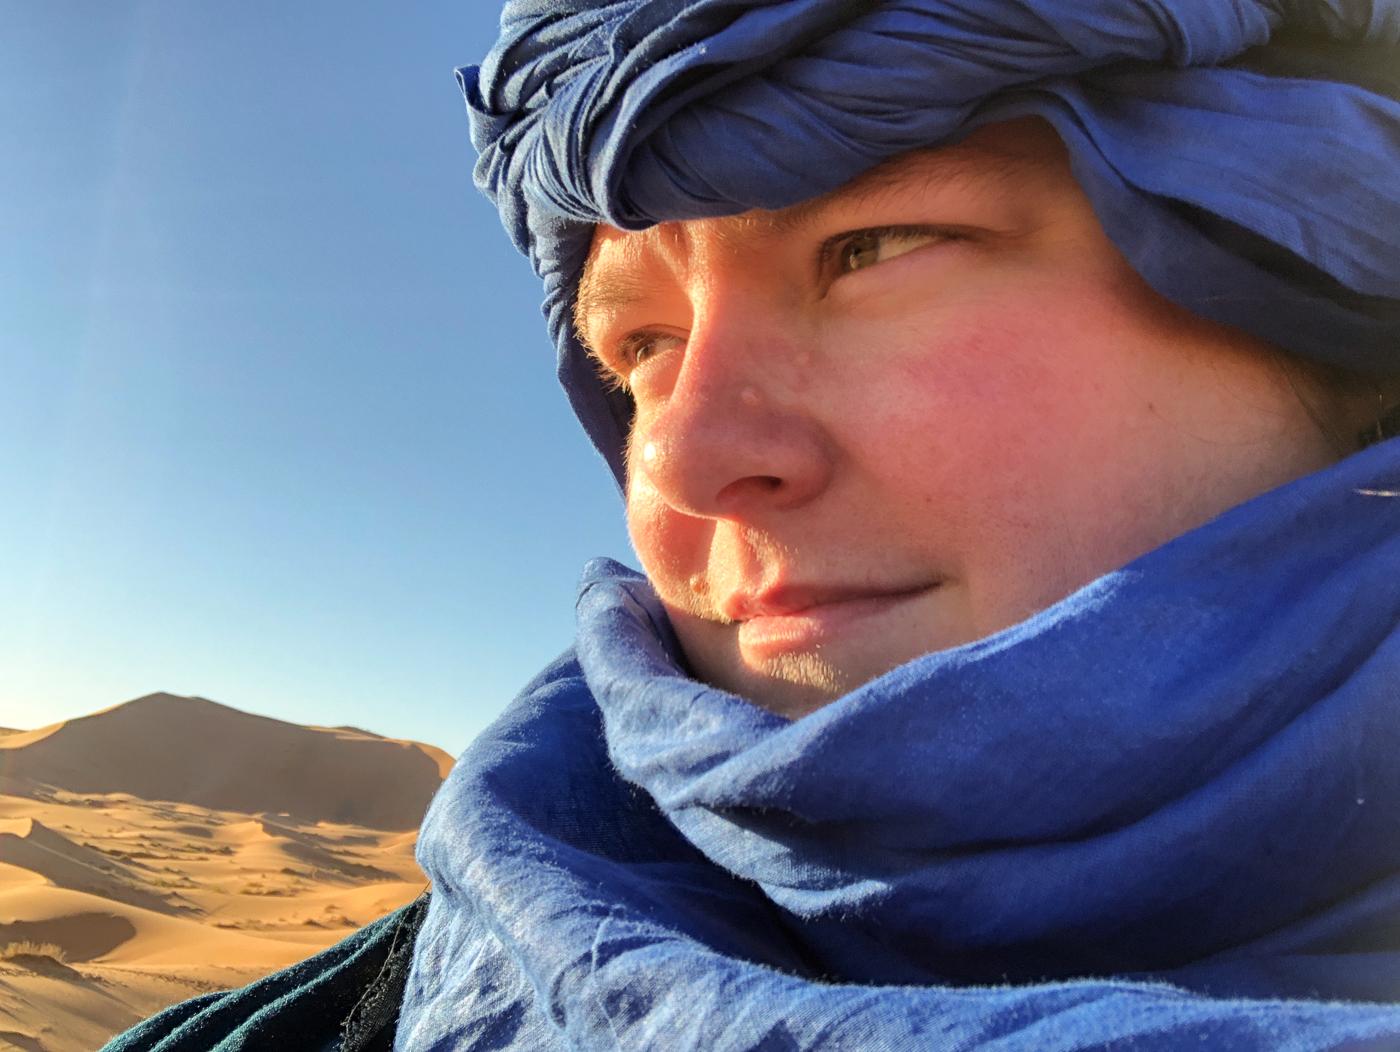 Jennifer avec chèche berbère dans le désert et les dunes du Sahara